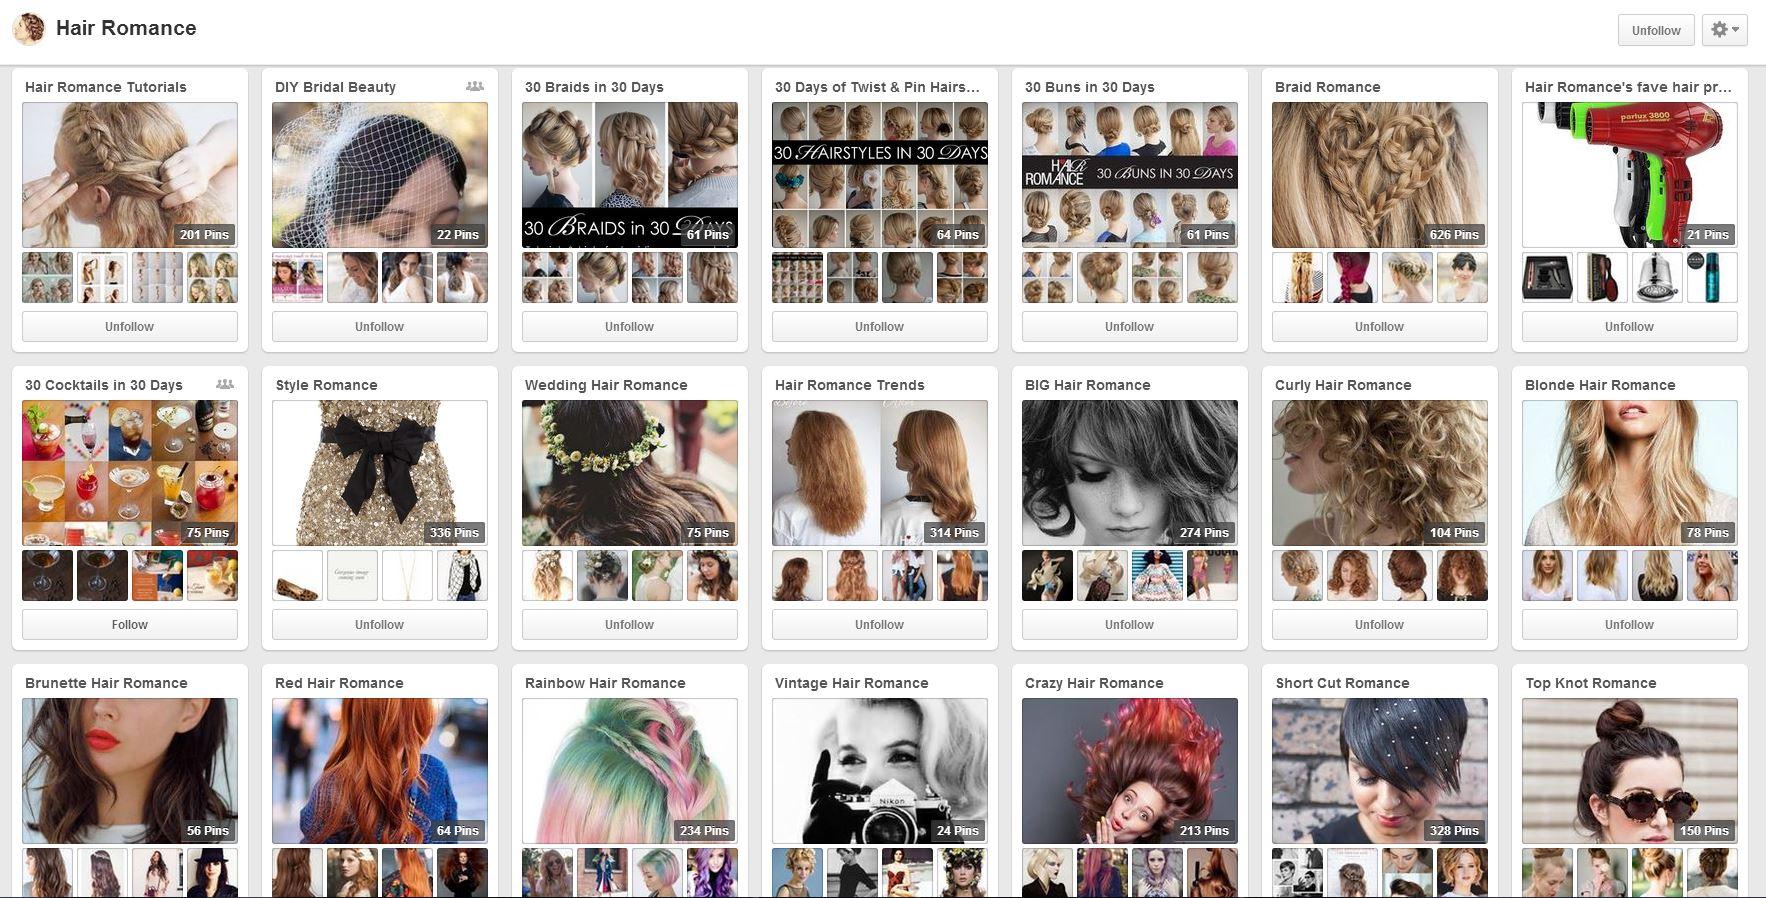 6_hairromance